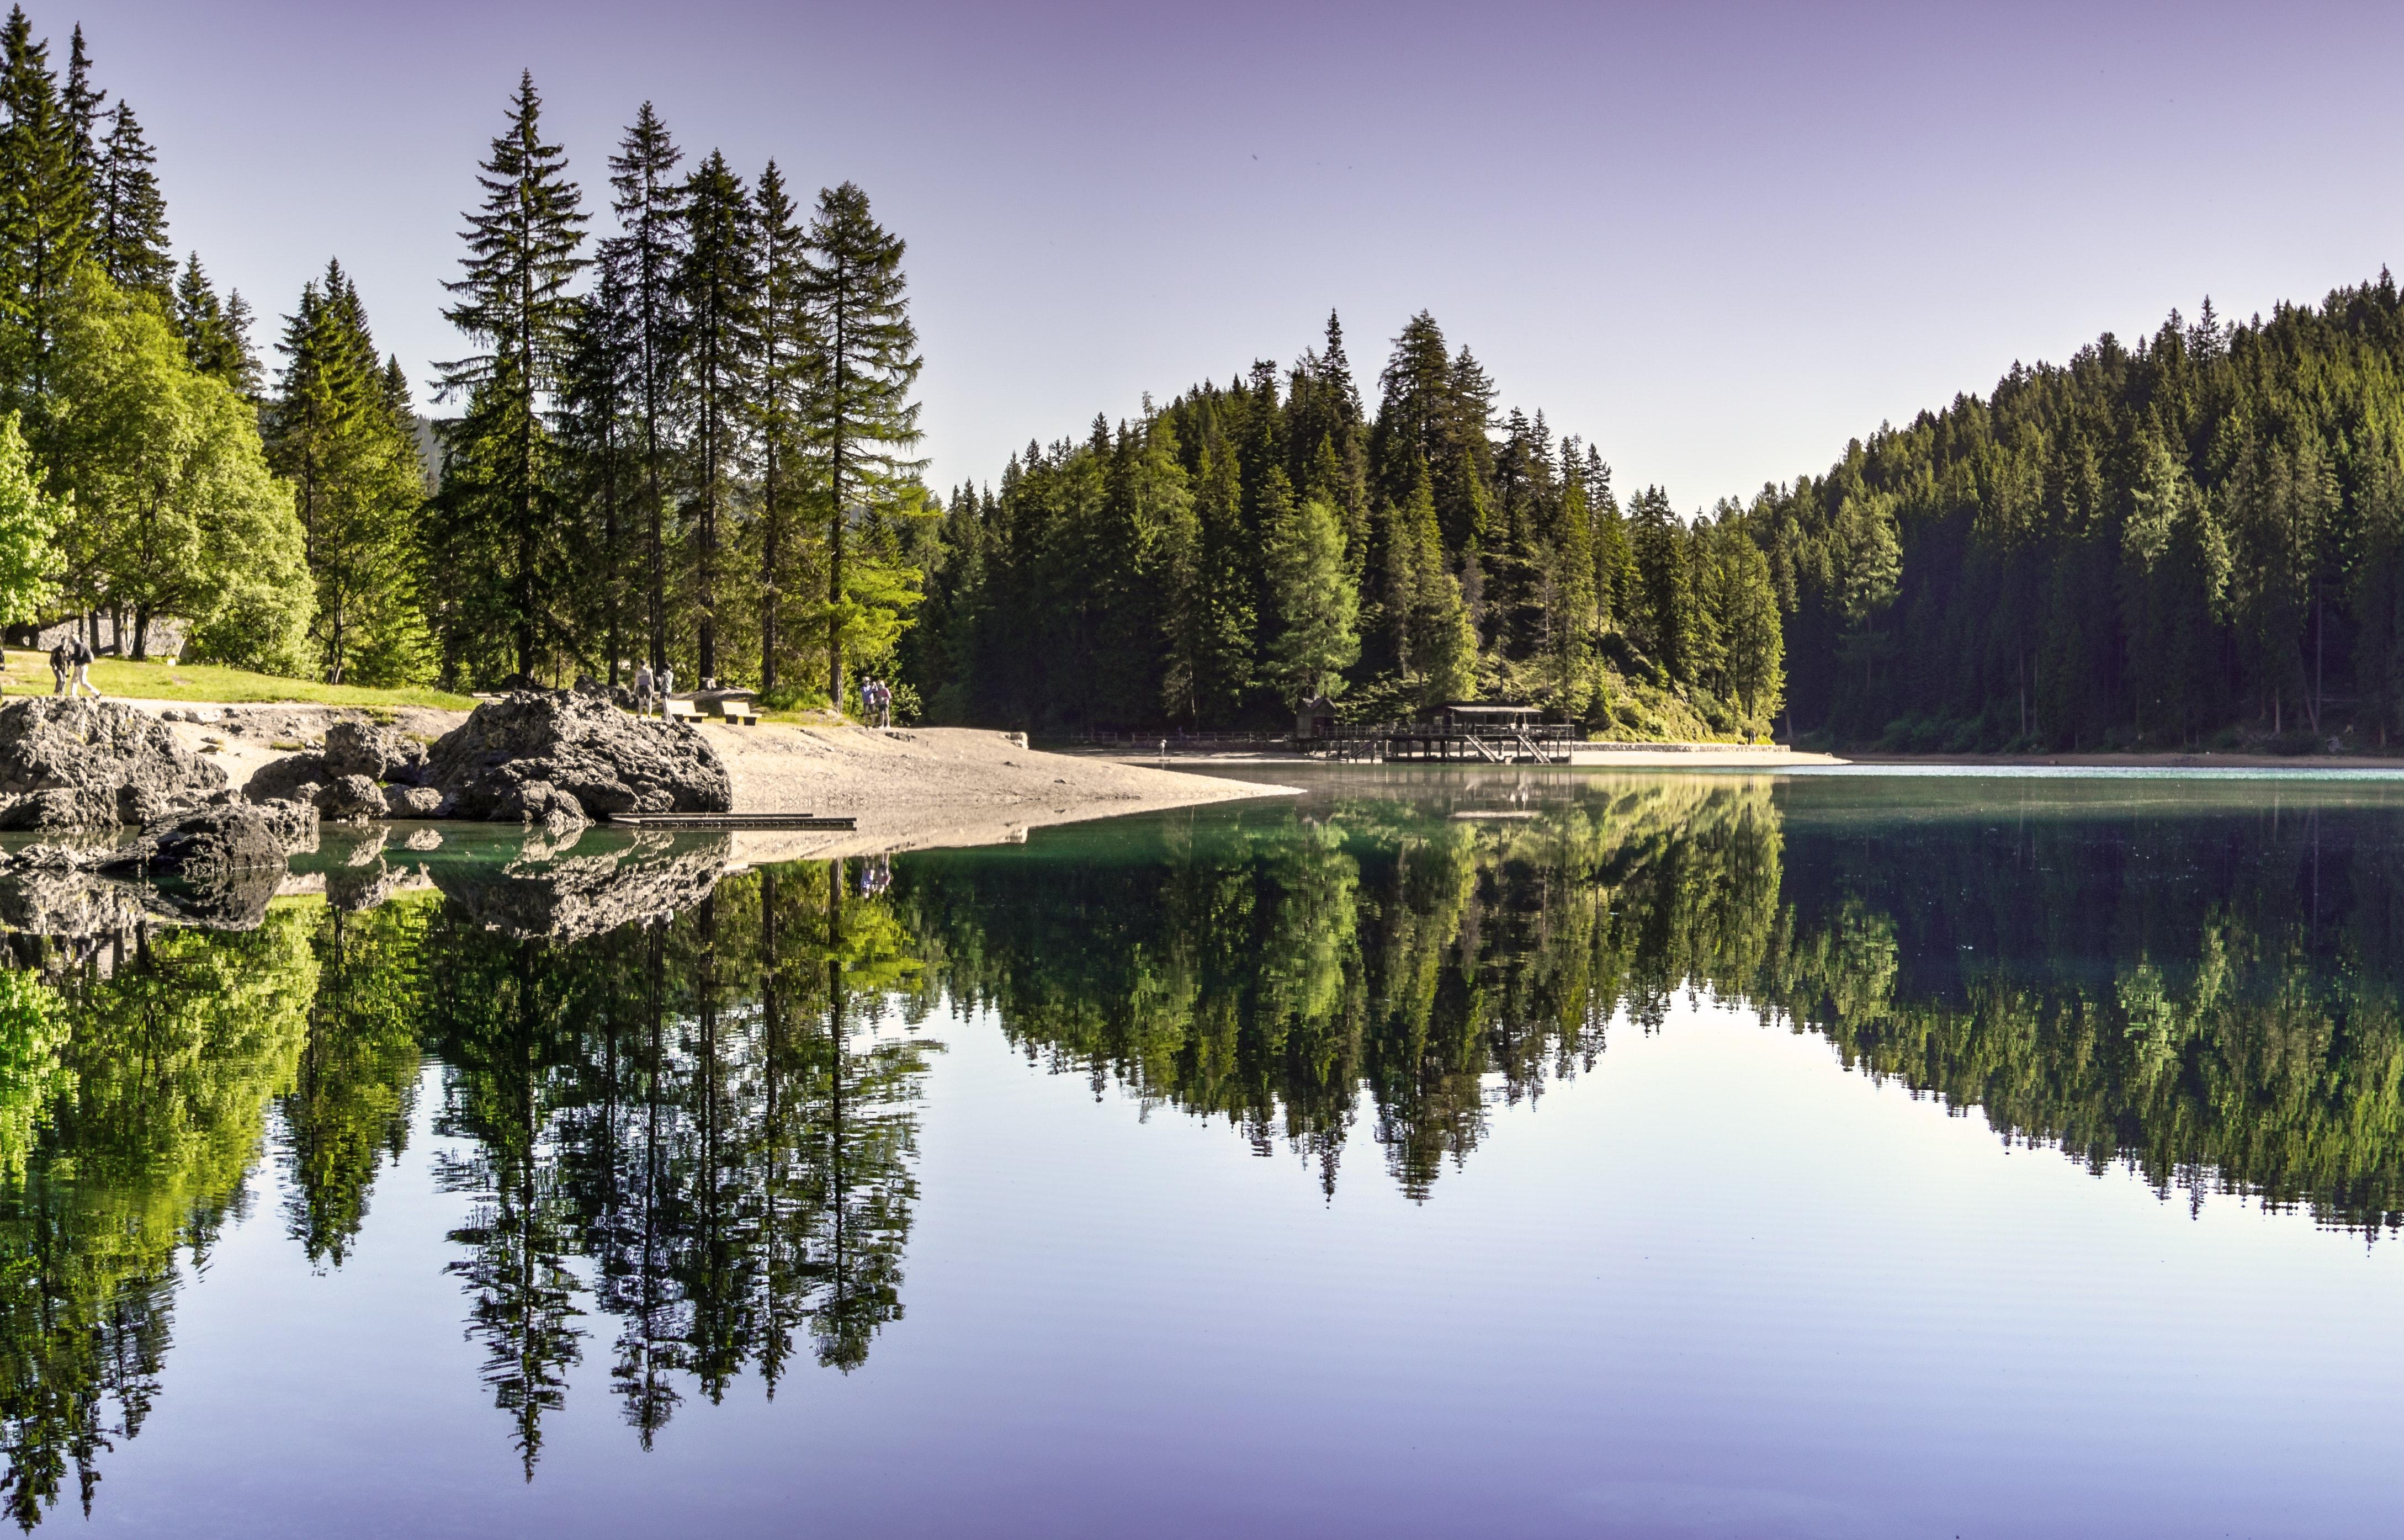 Body of Water Near Trees by eberhard grossgasteiger